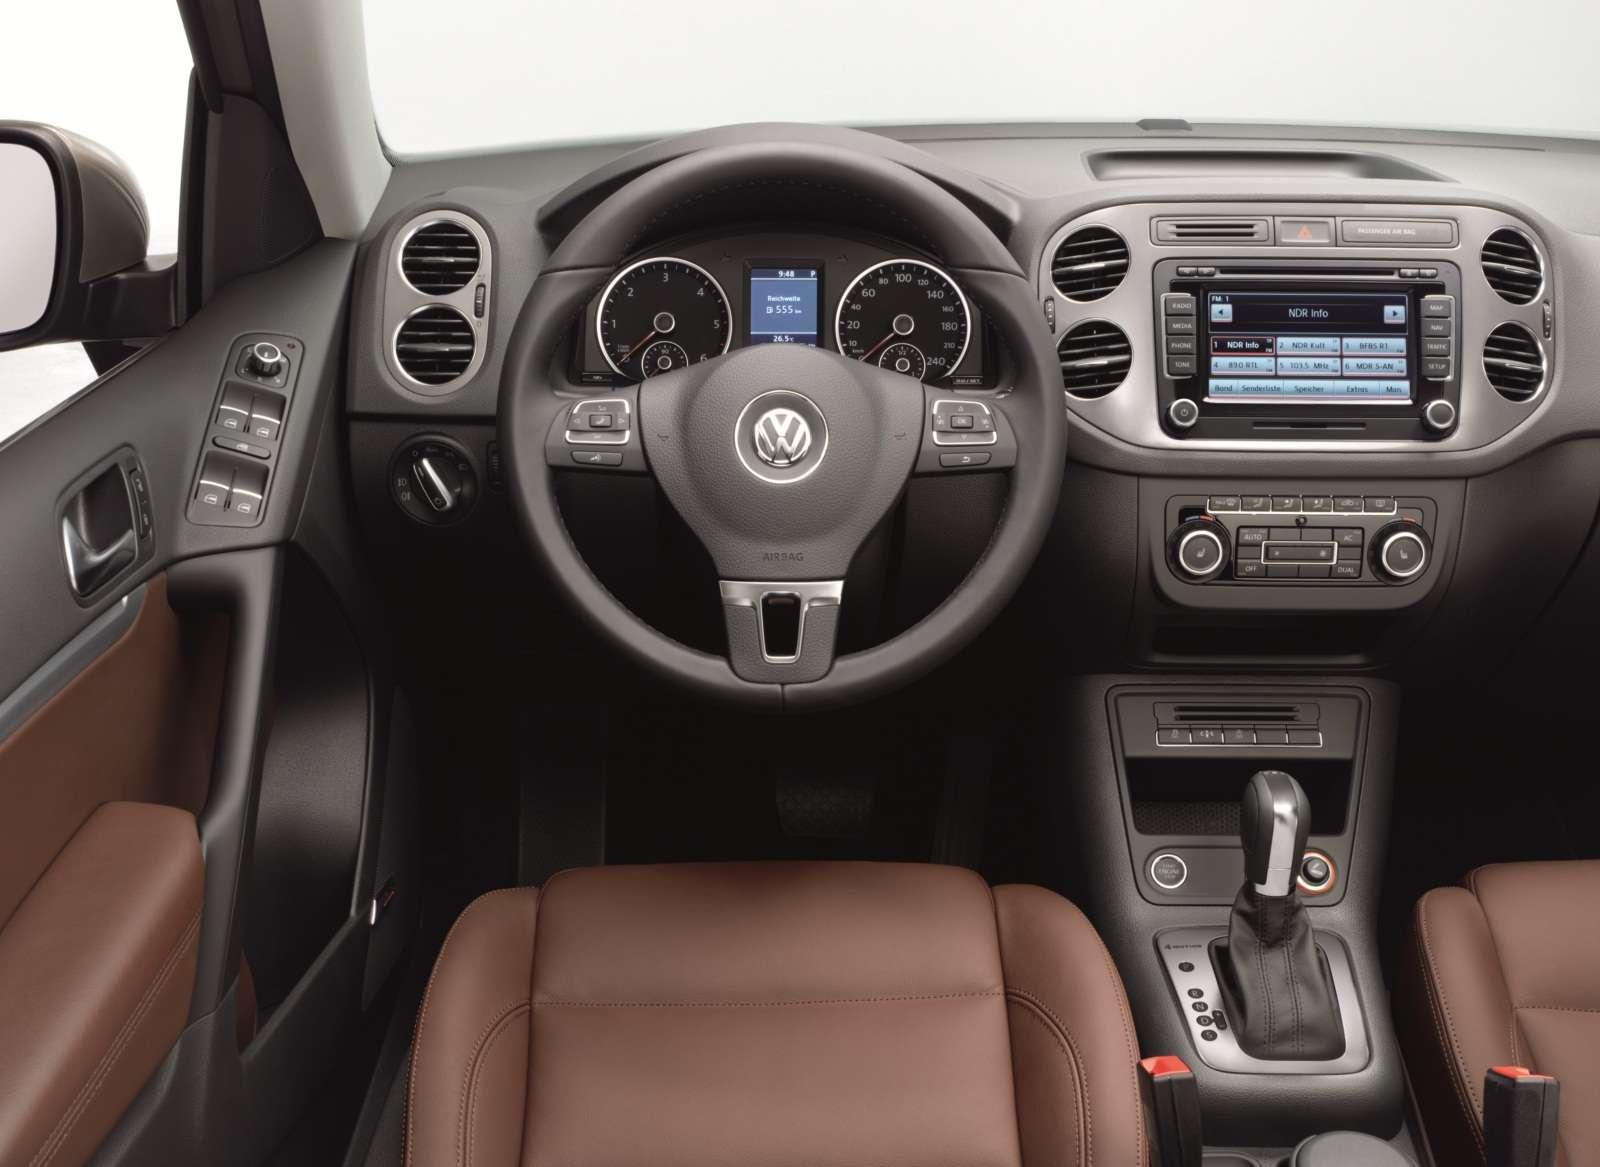 VW Tiguan 2012 obszerna fot maj 2011